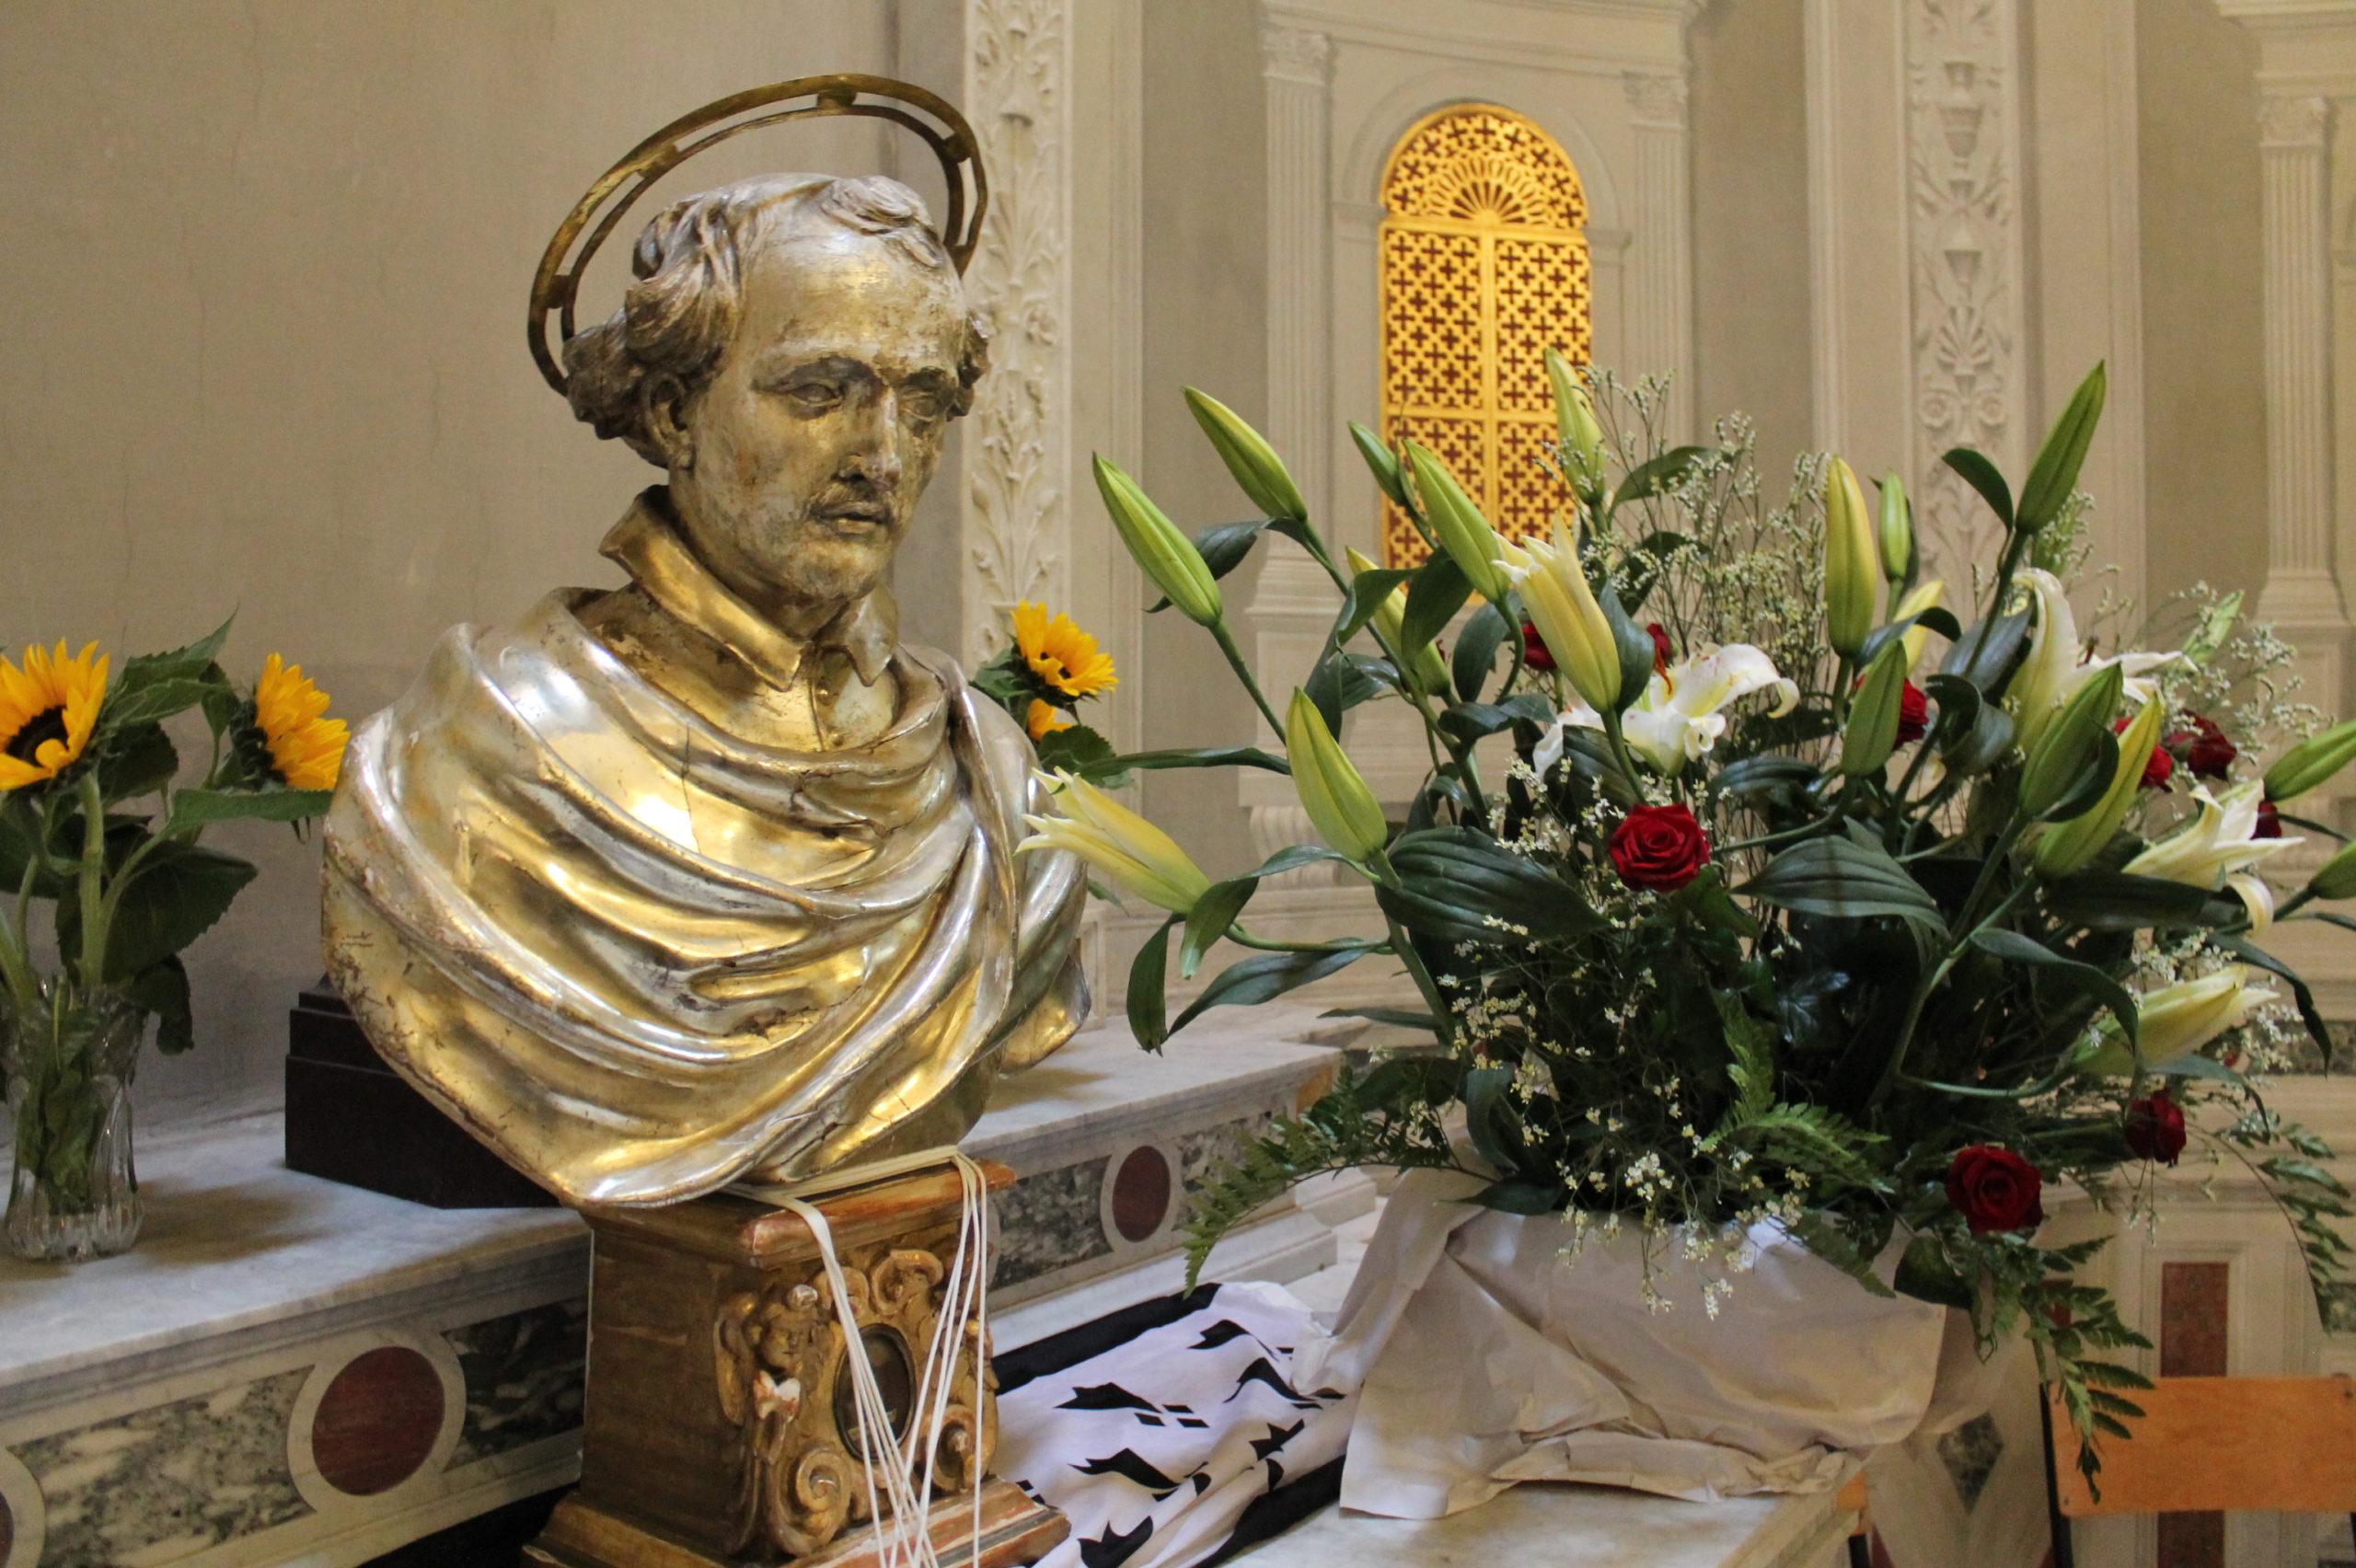 Festivité et spiritualité : une façon bretonne de fêter un saint